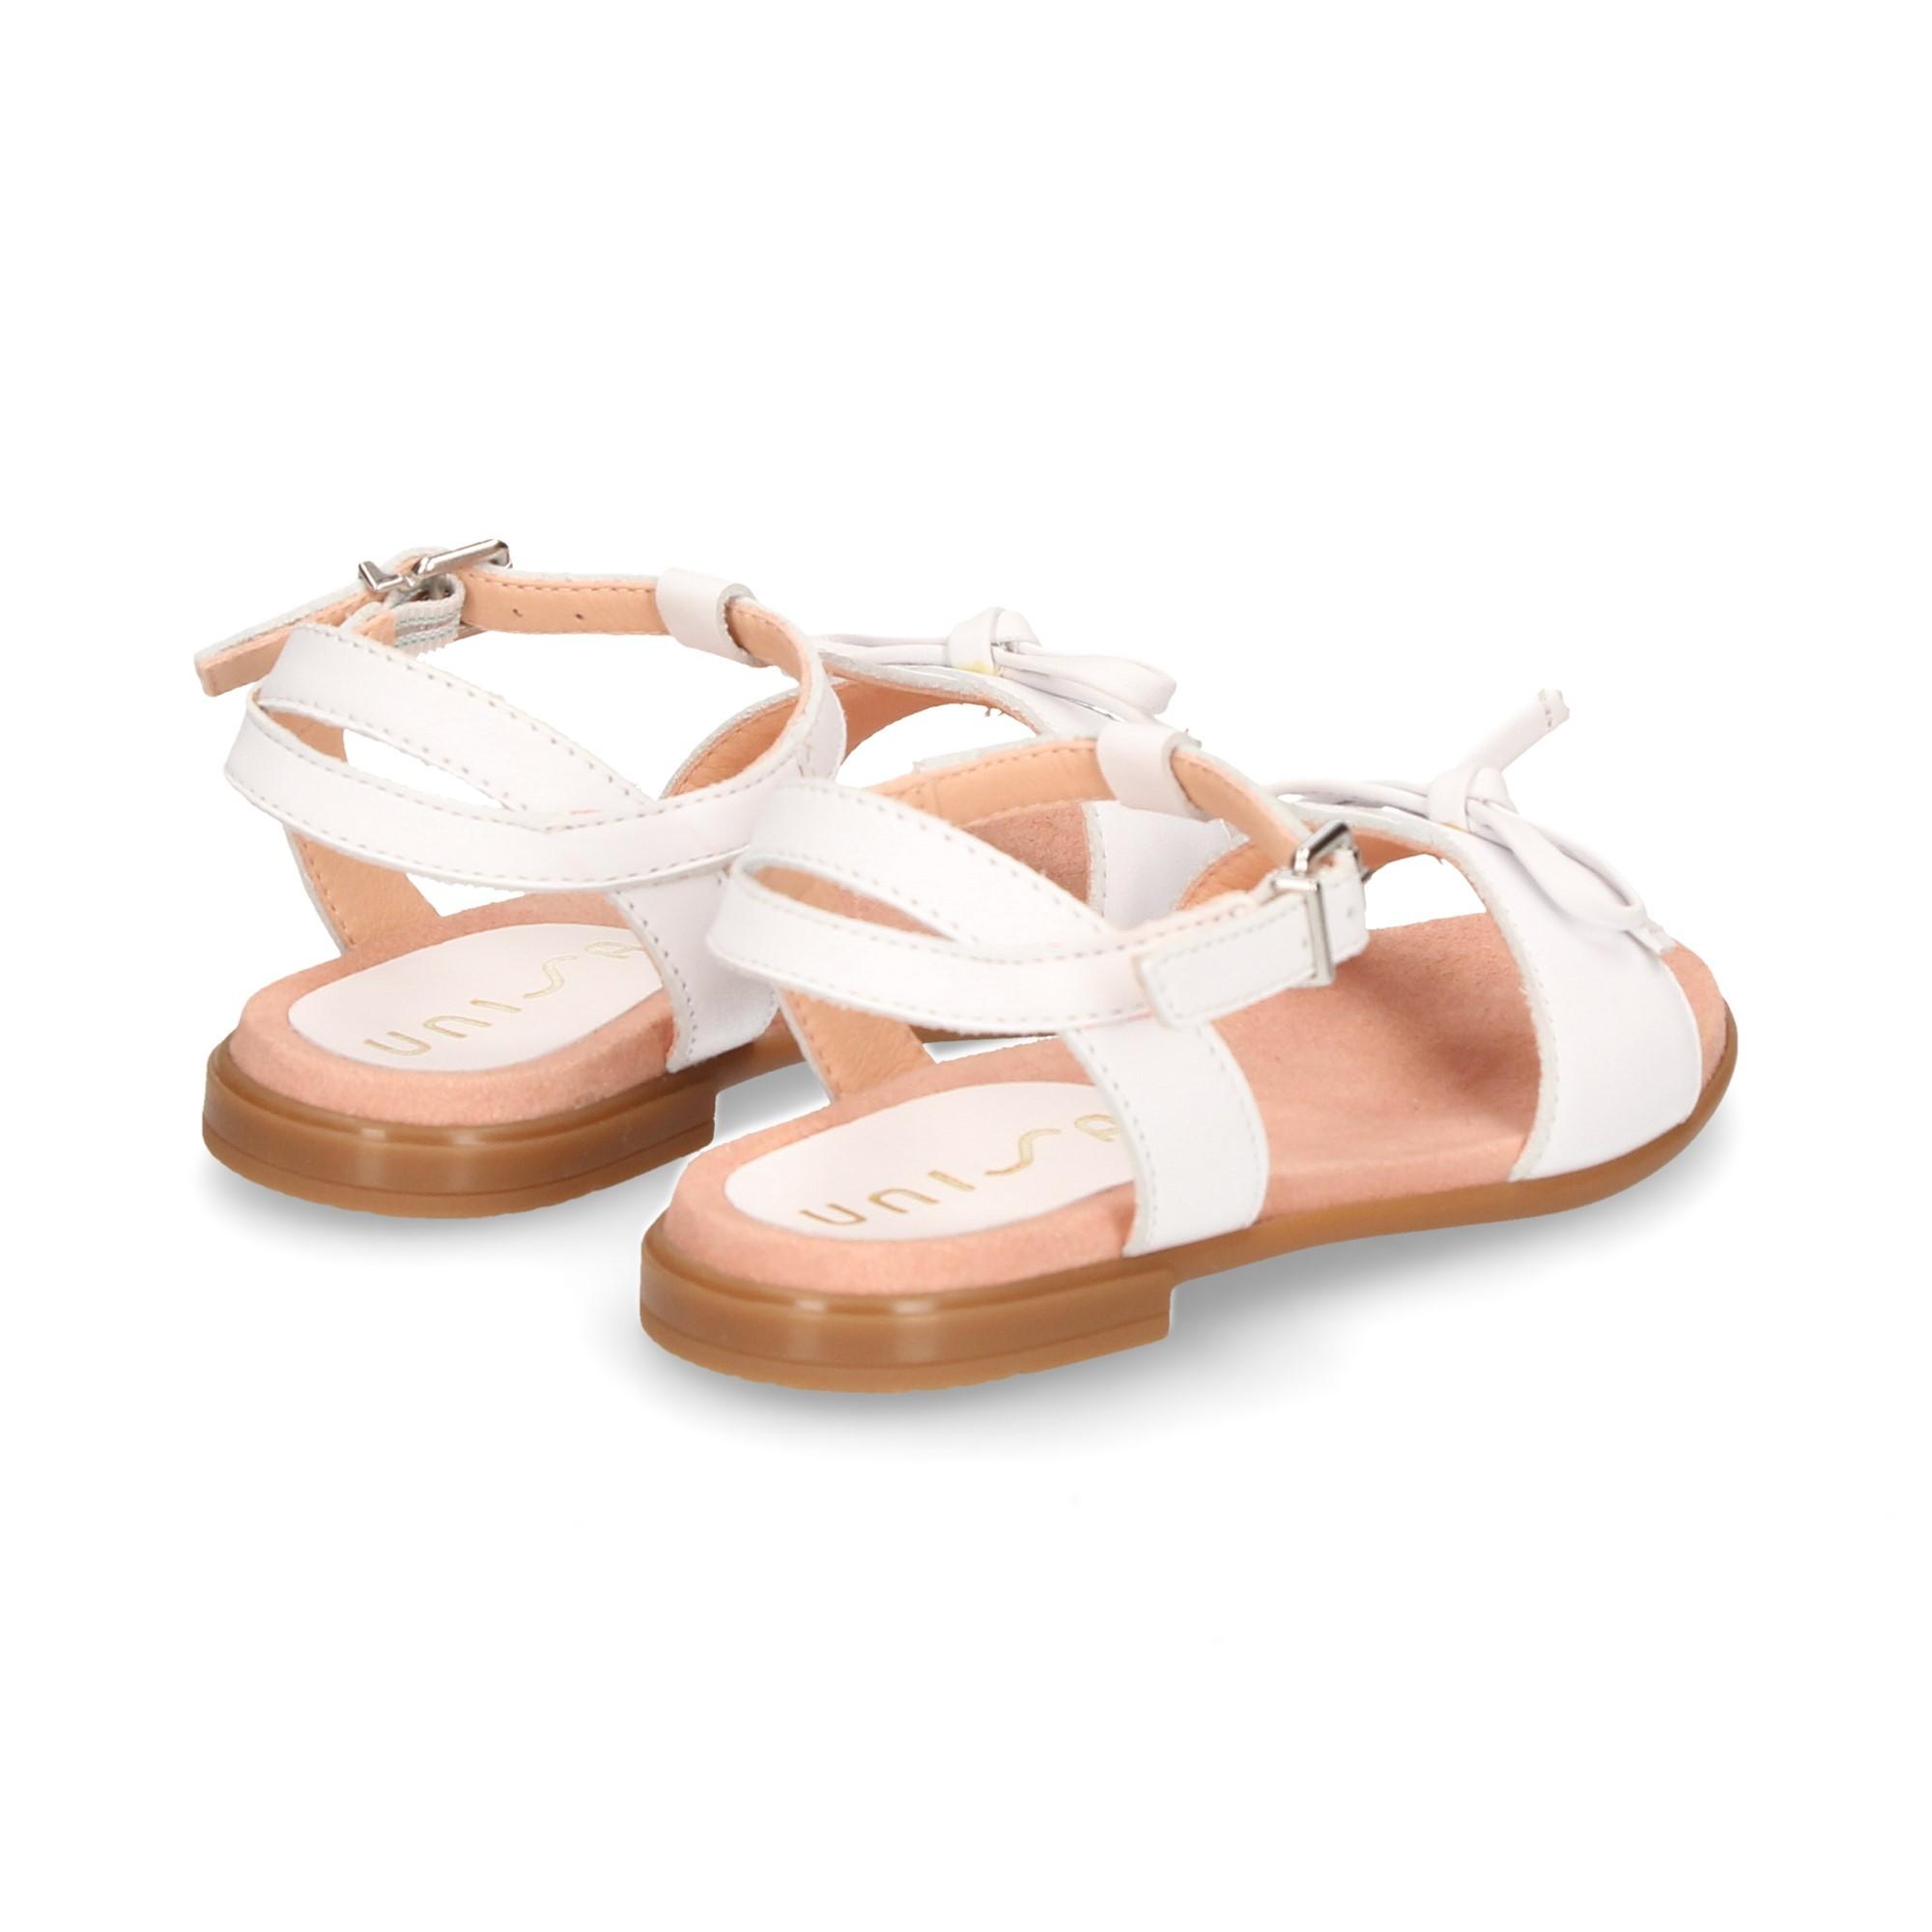 sandalia-bebe-lazo-piel-blanco